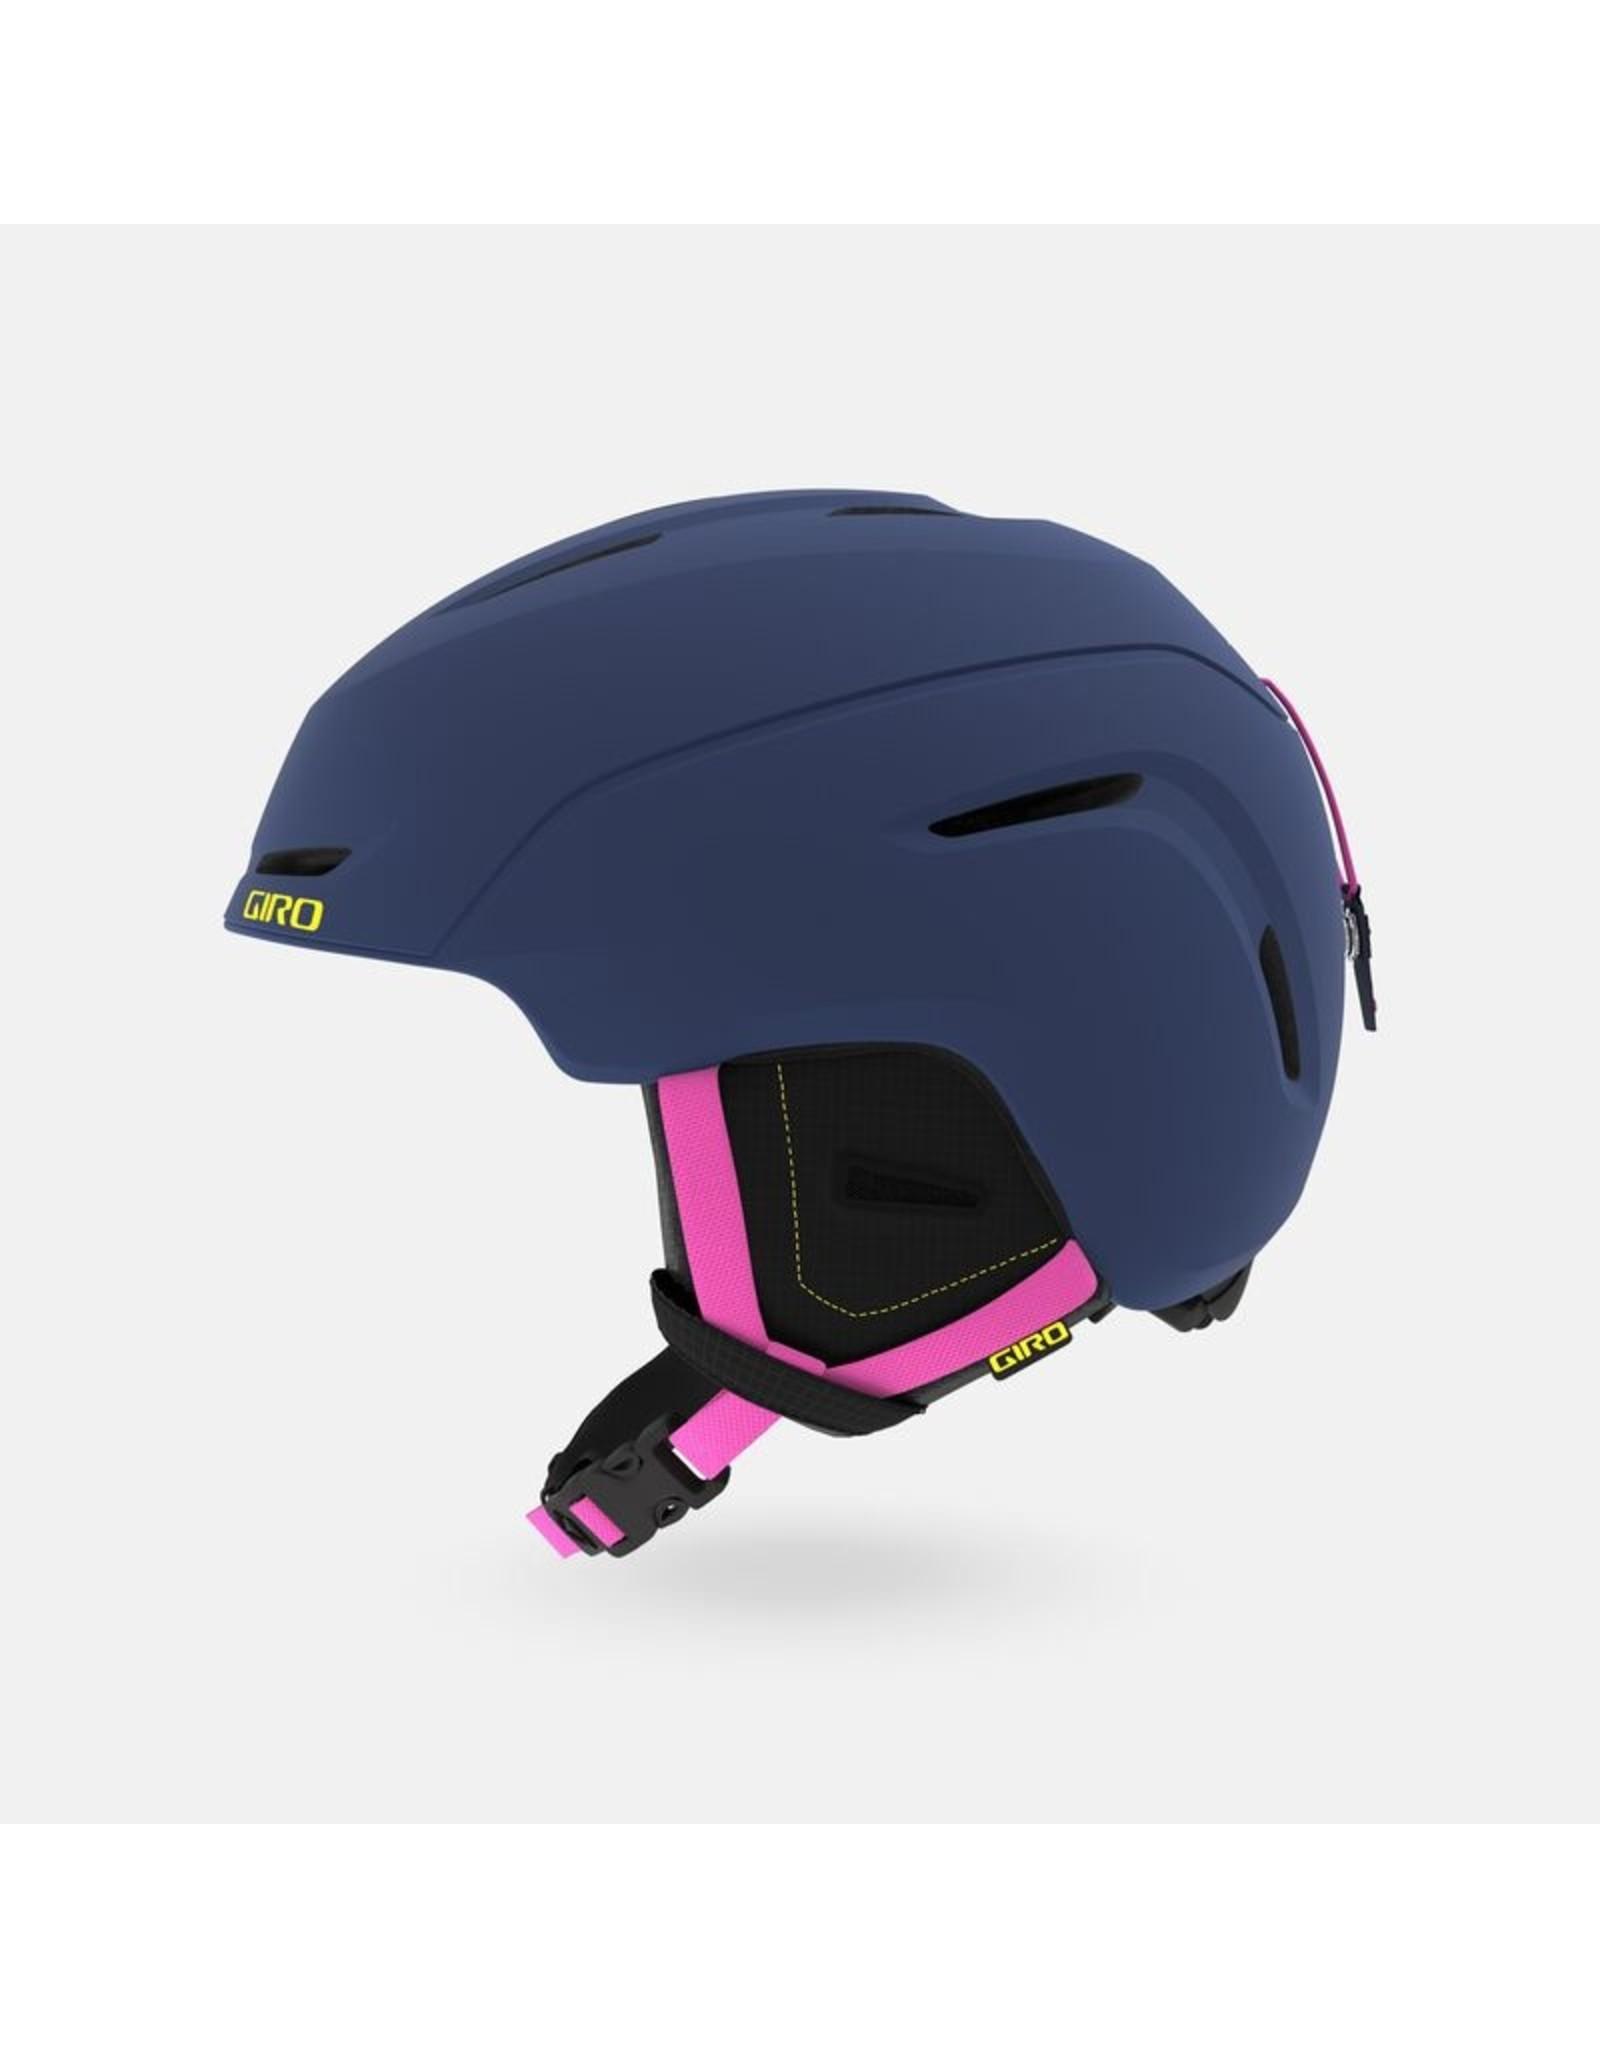 Giro Giro Neo Junior Helmet